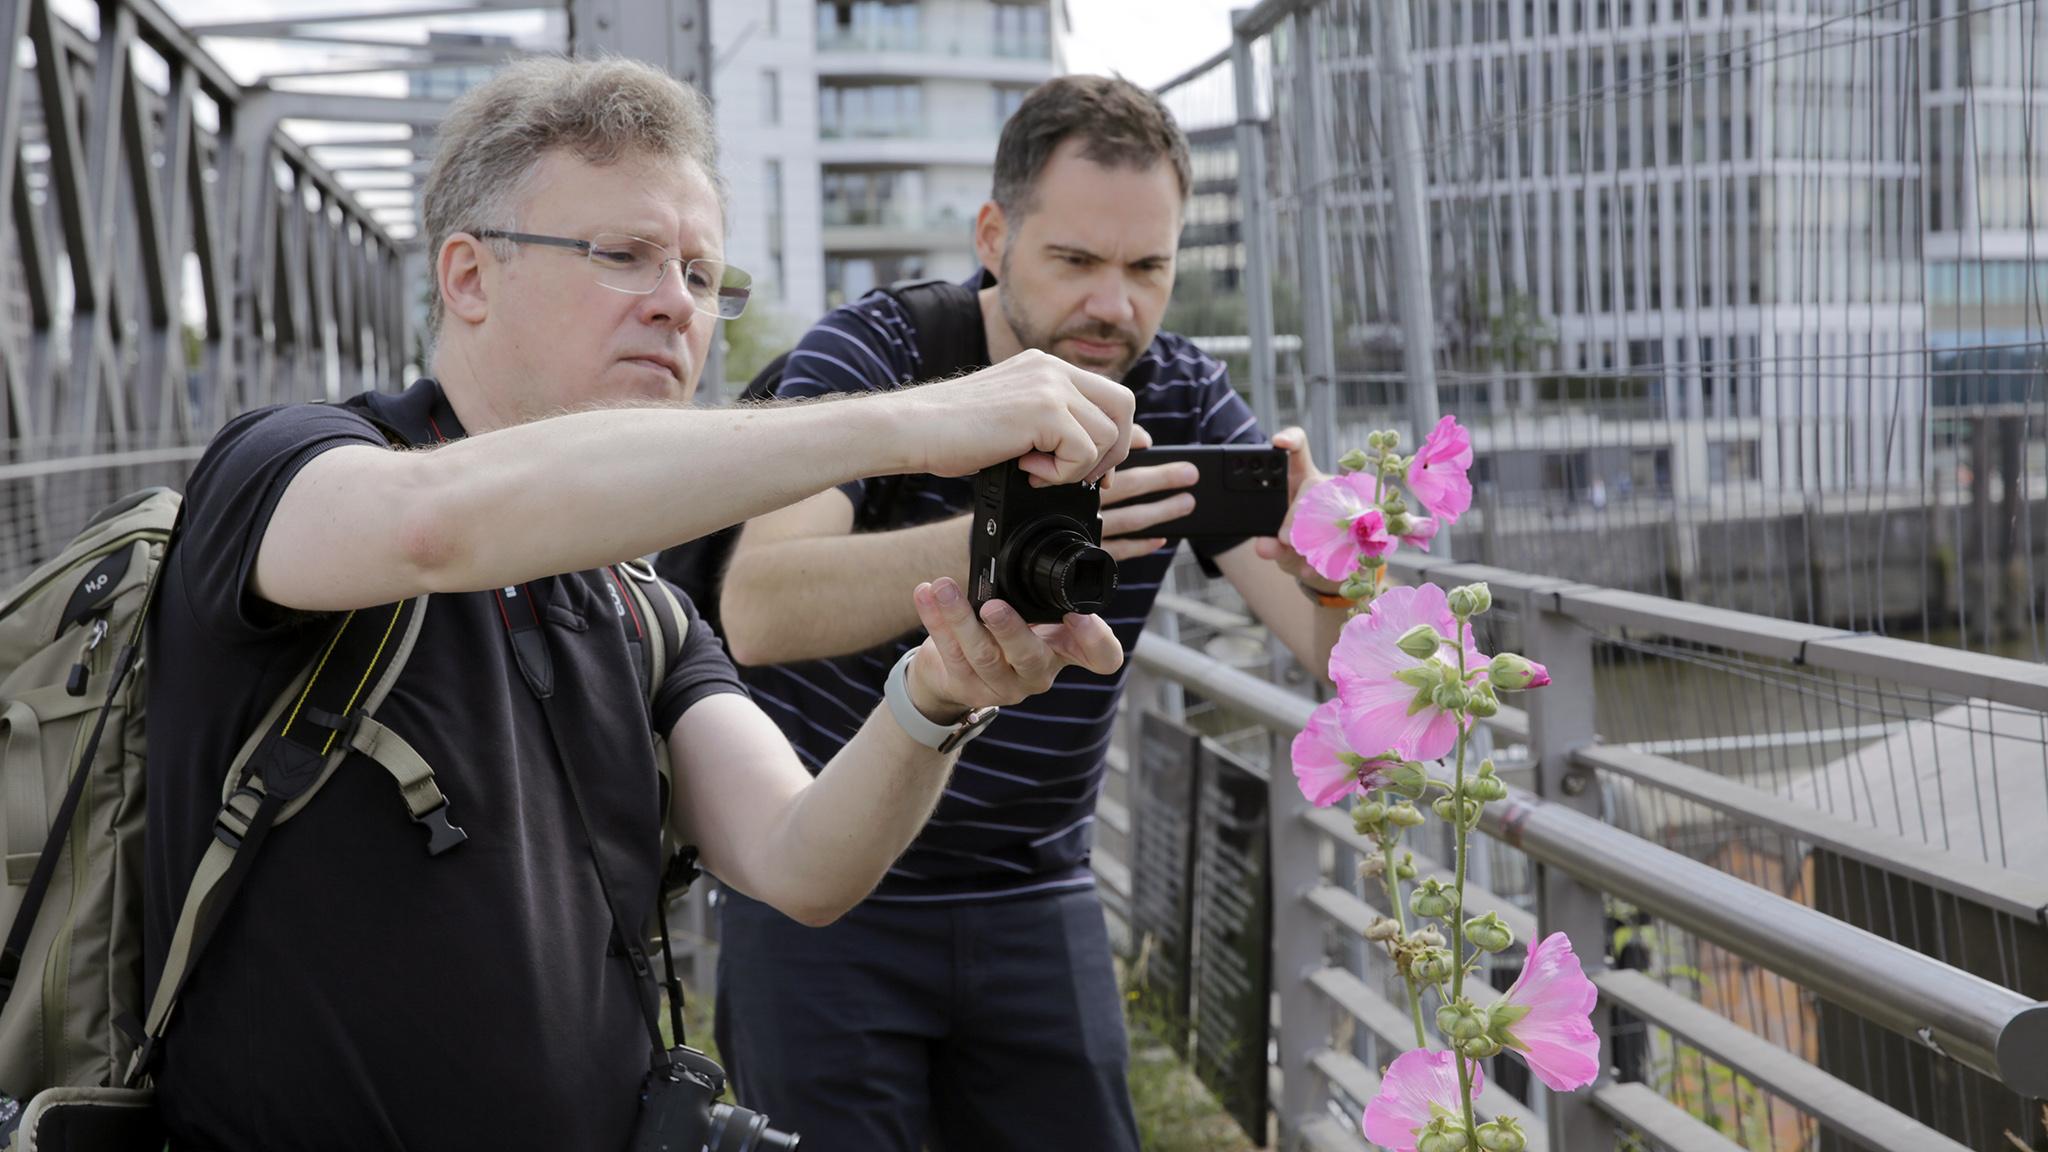 Foto-Vergleich Kamera gegen Smartphone: Nahaufnahme (Teil 2/5)